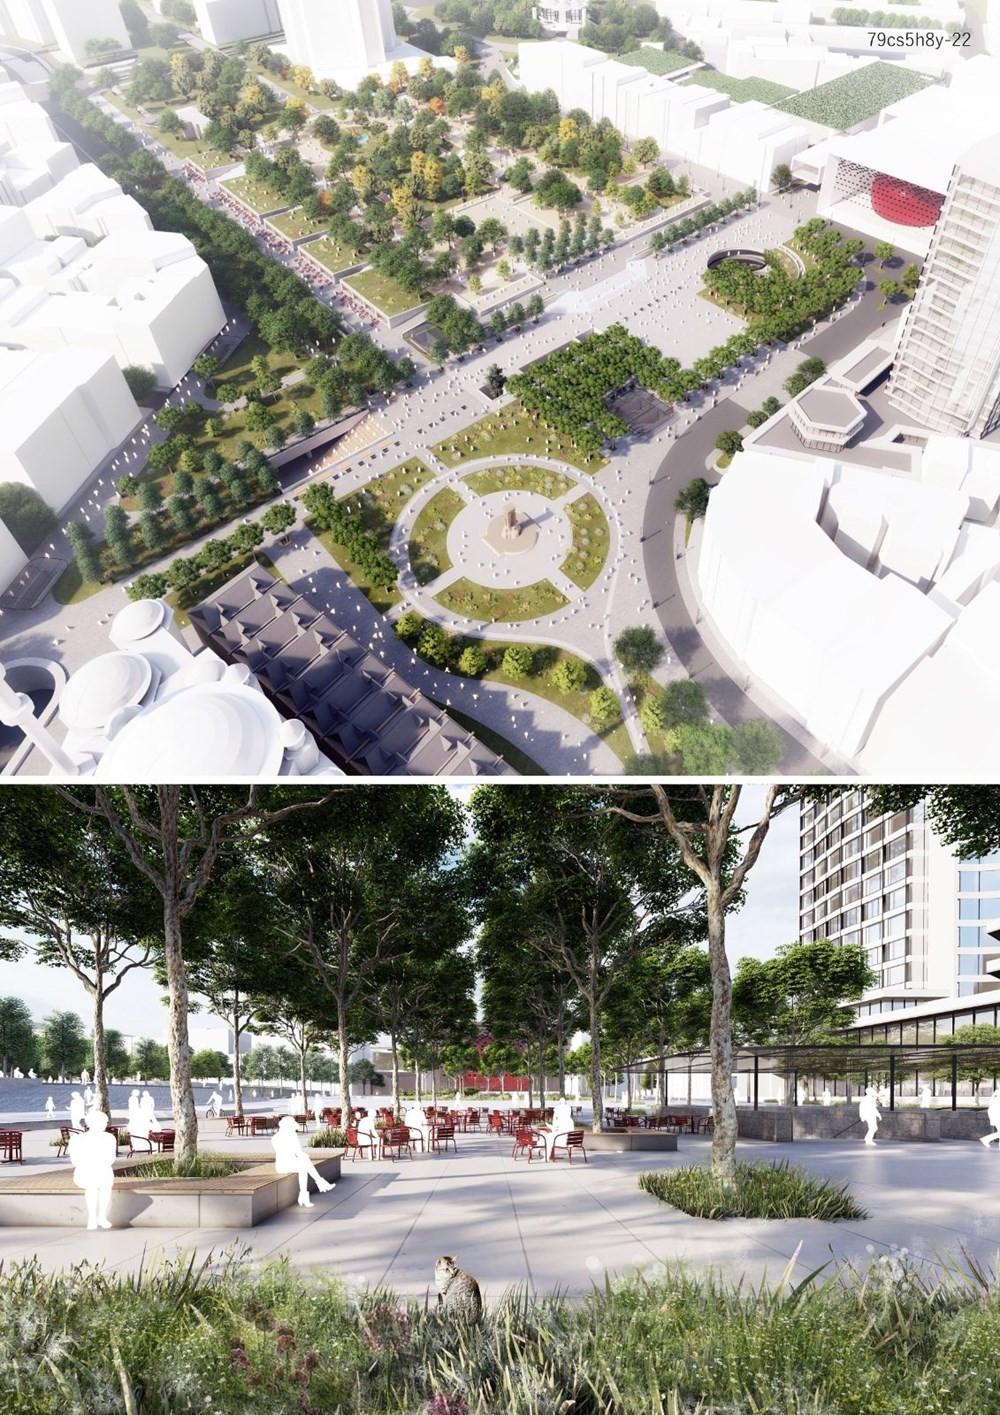 Taksim Meydanı ve çevresi değişiyor! İşte halk oylamasına sunulacak 3 proje